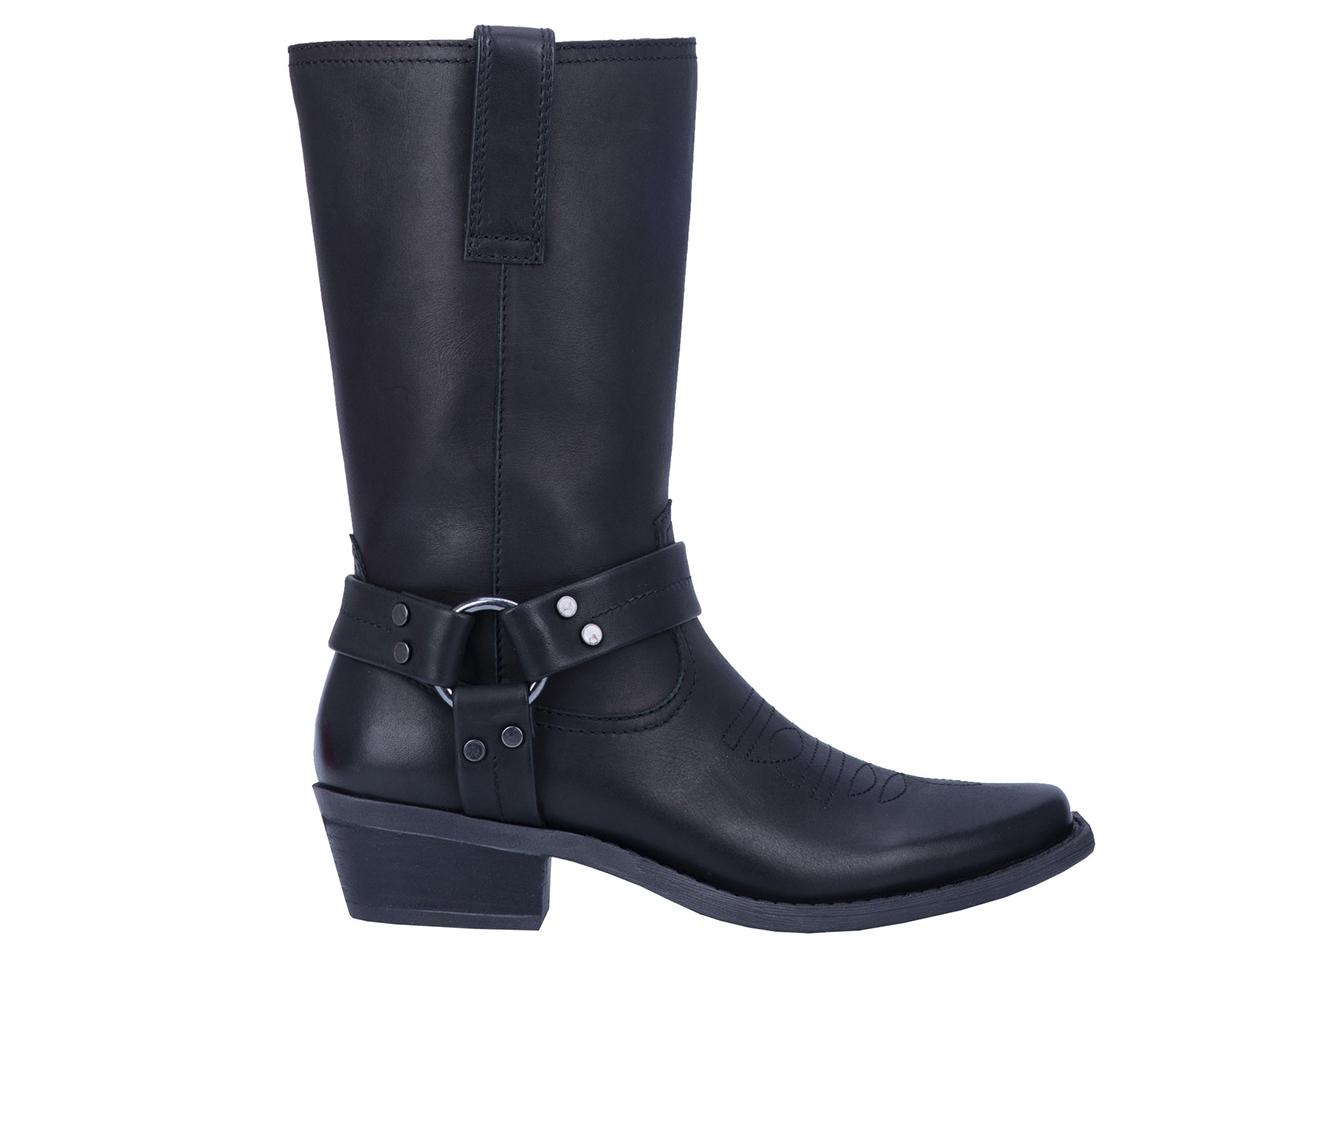 Dingo Boots Dingo Women's Boots (Black - Leather)